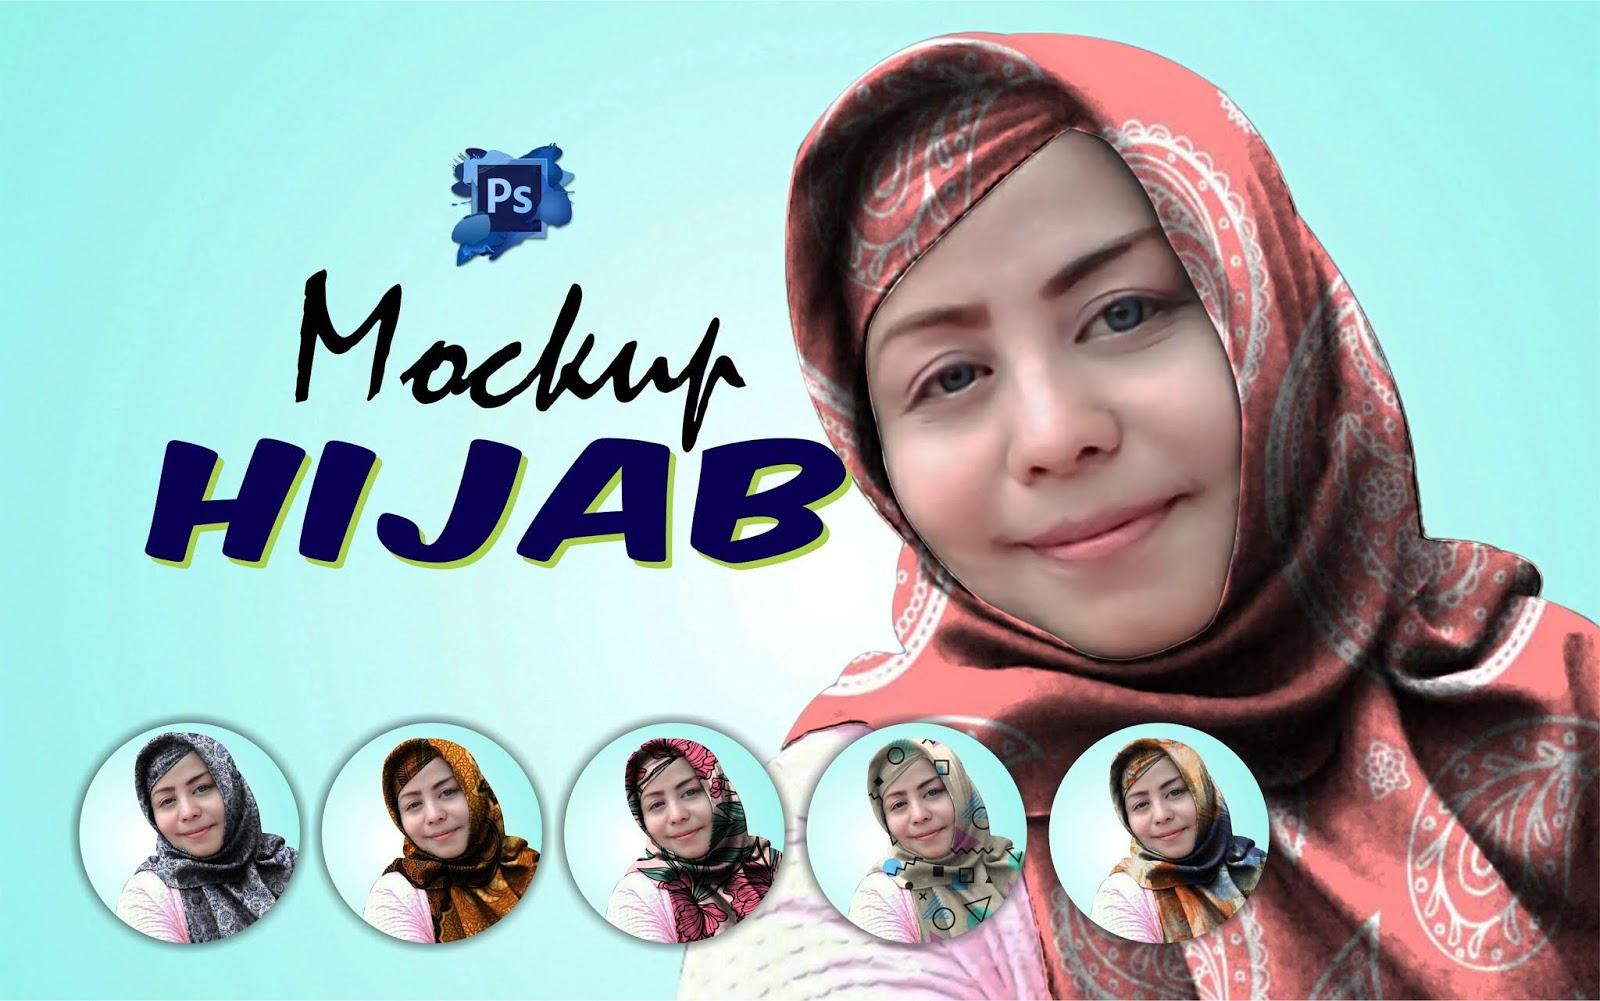 Desain Mockup Hijab Kekinian dengan Photoshop - TUTORiduan.com